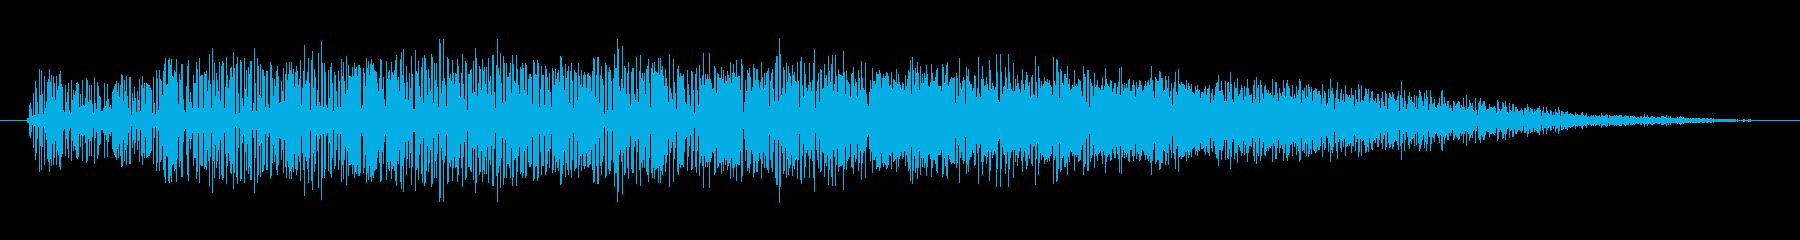 フィクション スペース ロケットタ...の再生済みの波形